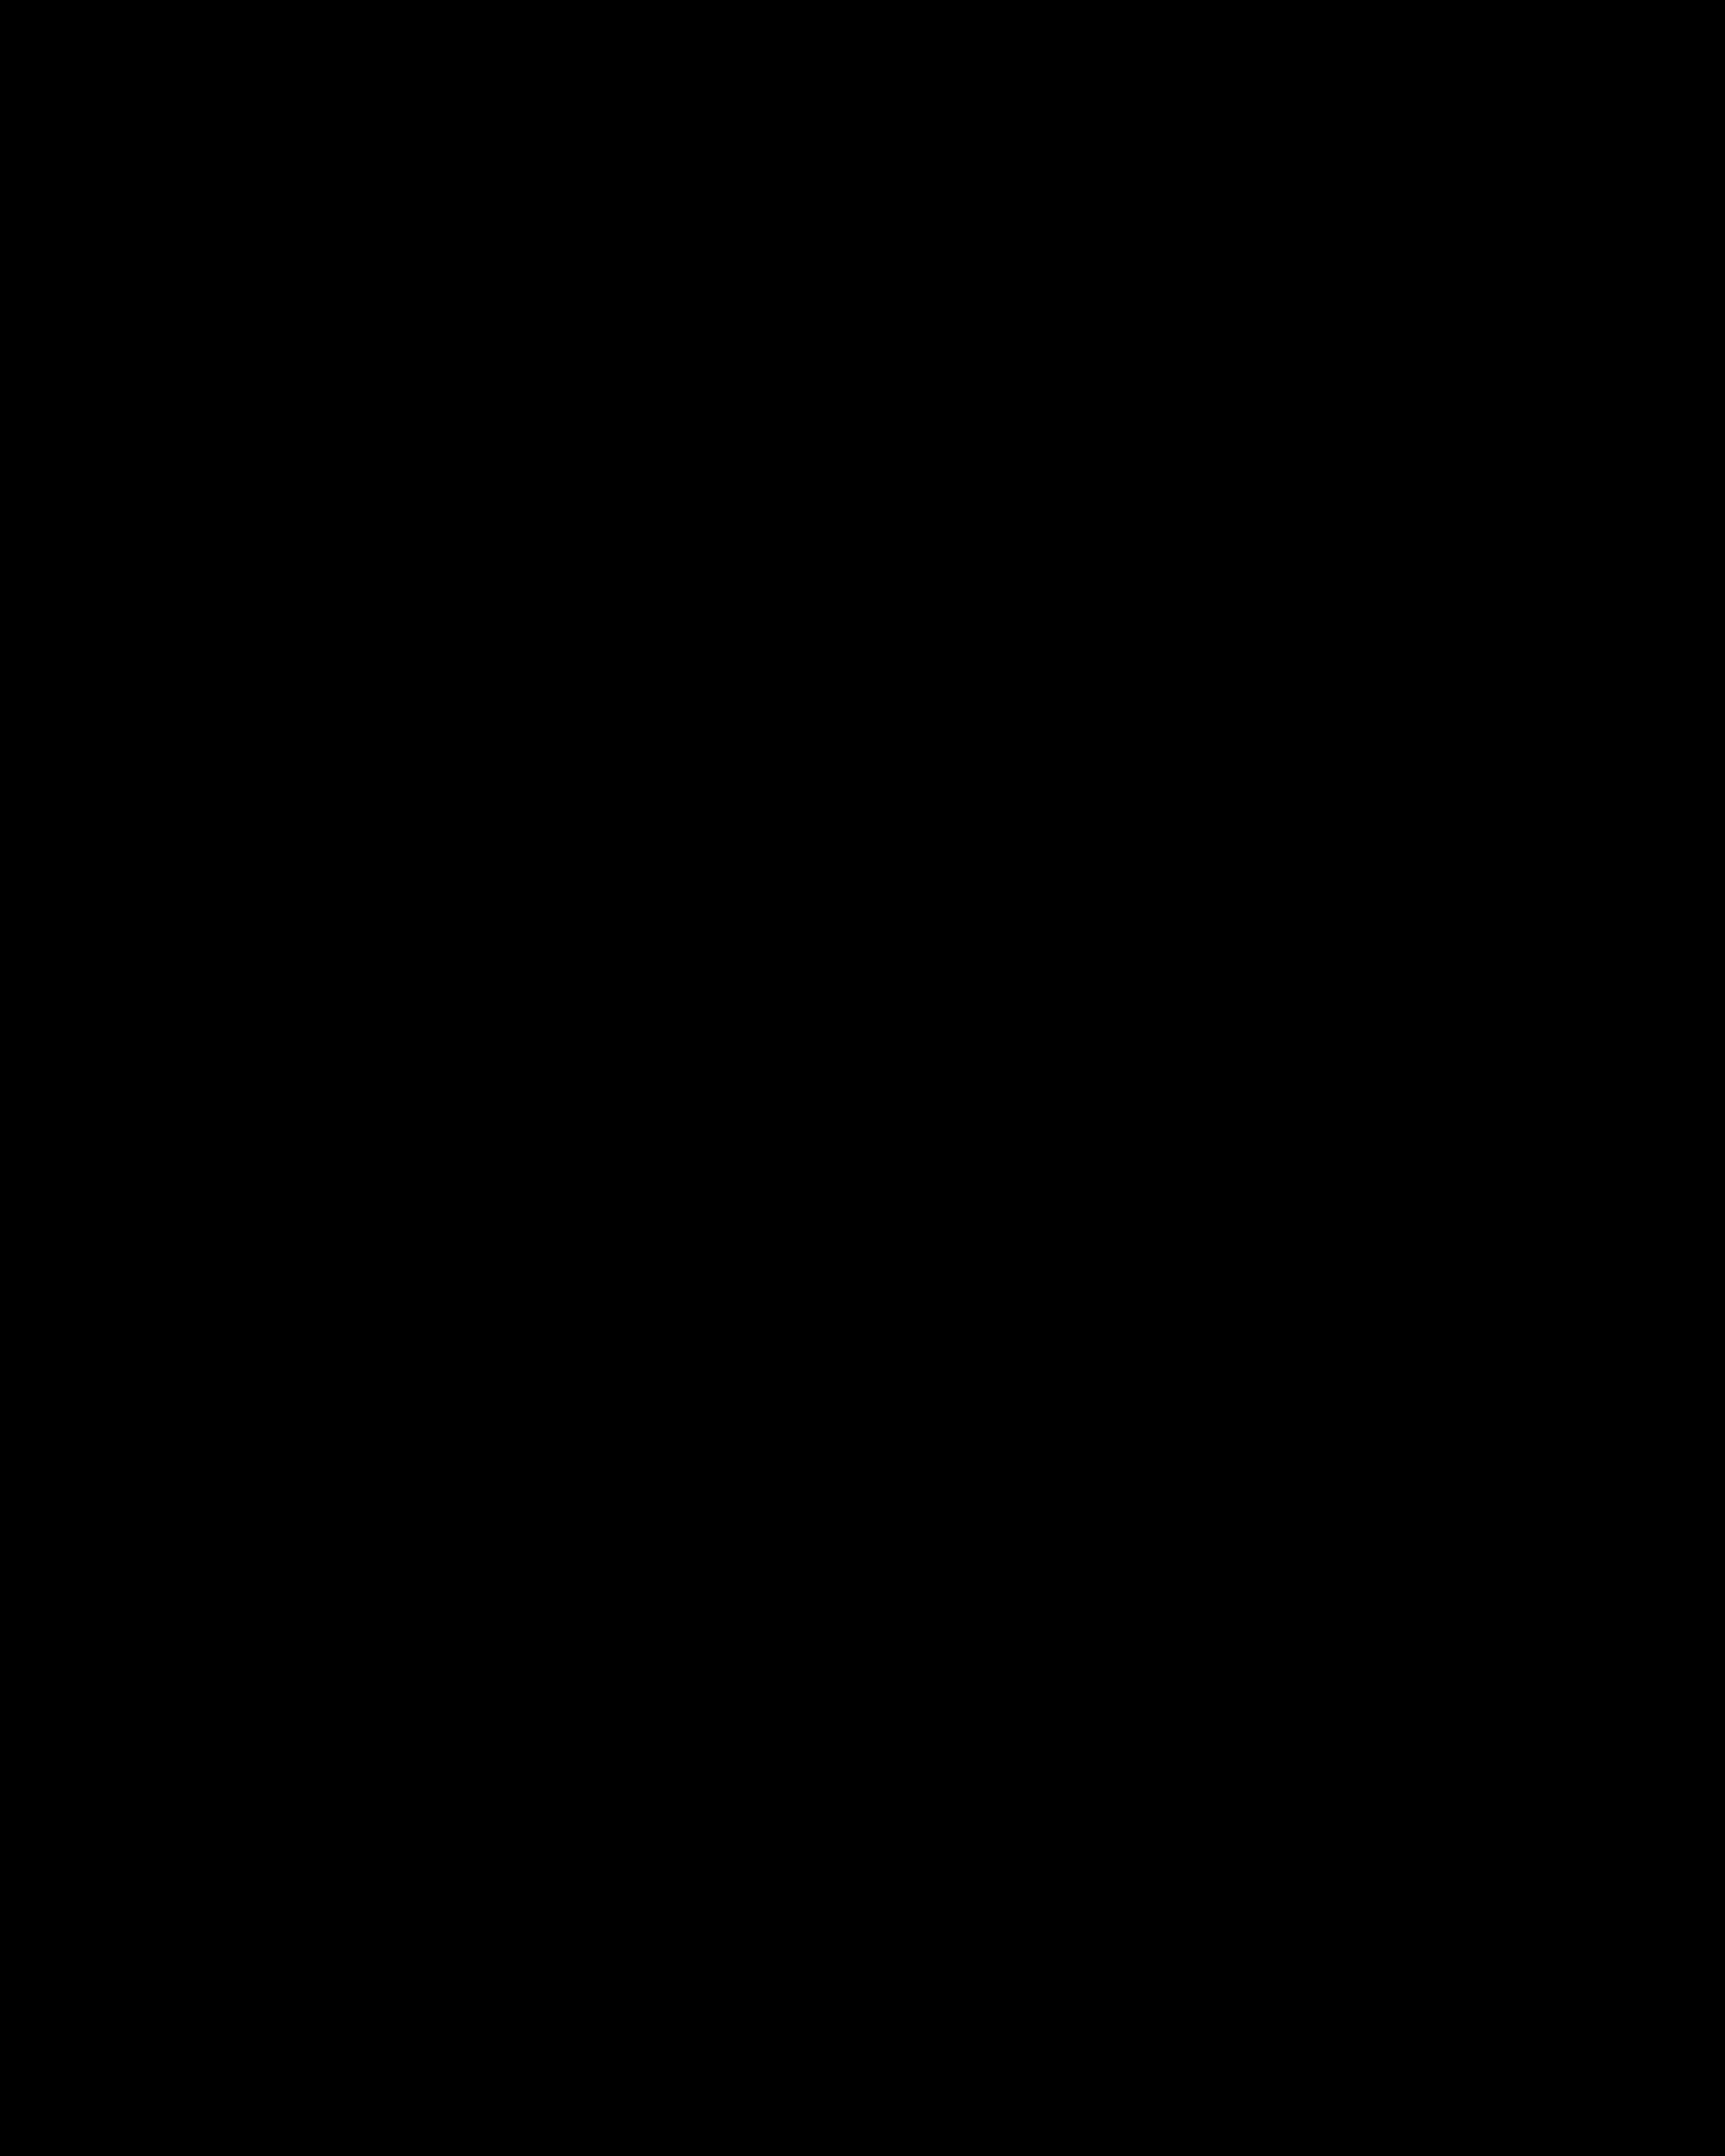 Spencer Tunick, Denmark (Socle du Monde), 2021 Courtesy: Der Künstler